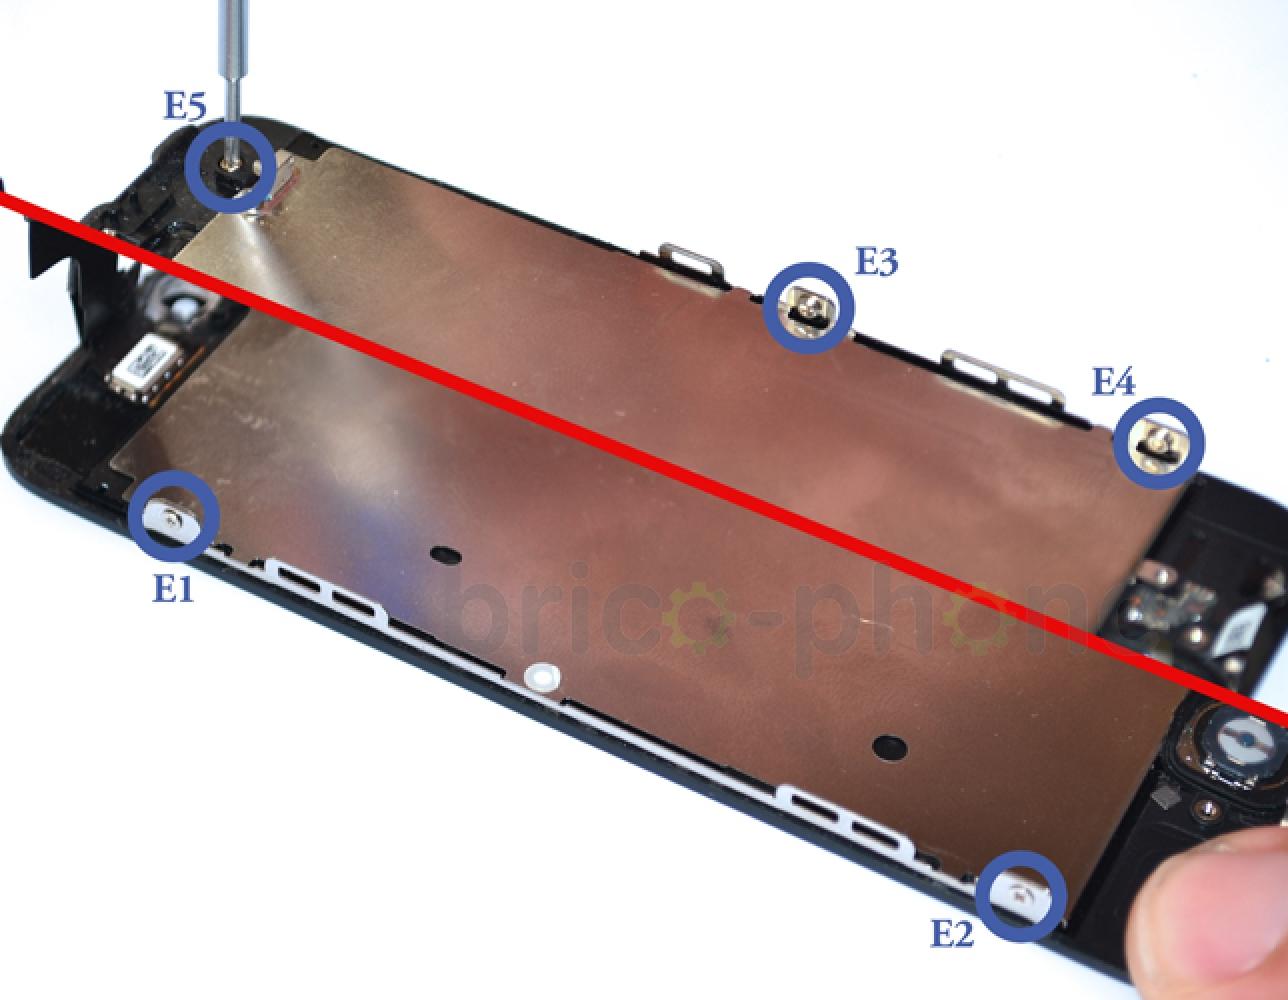 Etape 11 : Changer la plaquette métallique du LCD